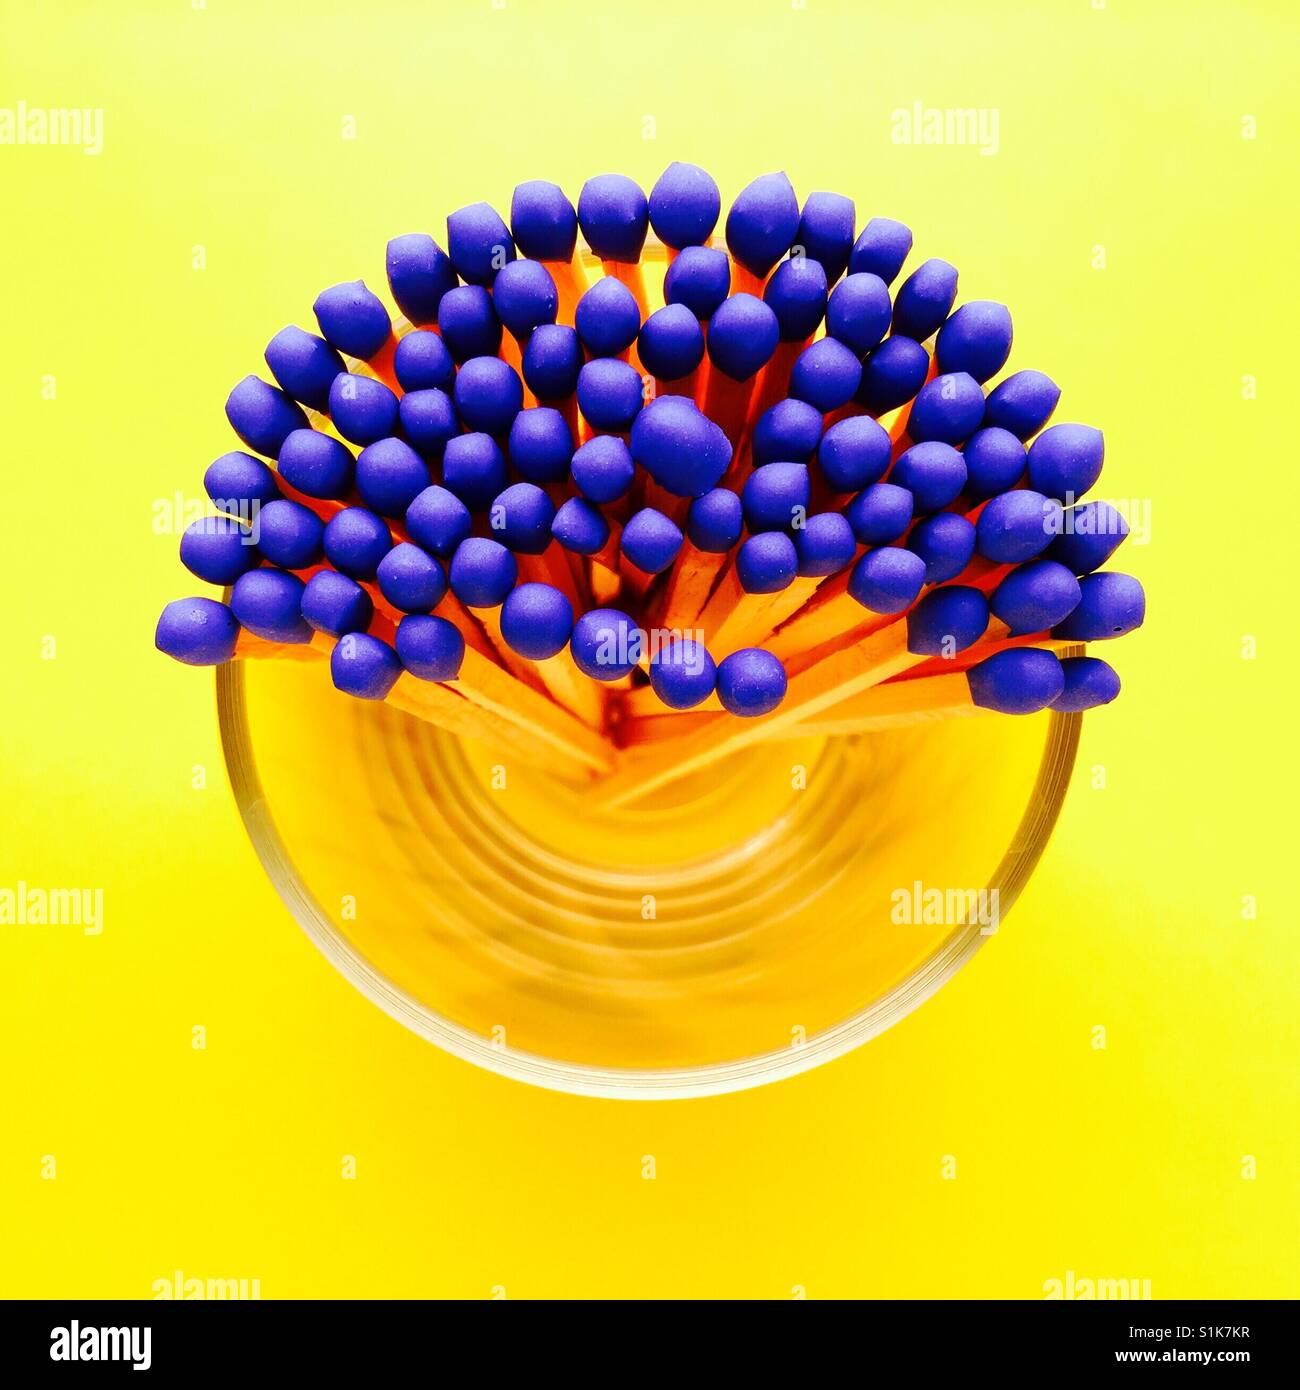 Ein Overhead Schuss von einem Glasbehälter halb voll von blauen Spitzen Streichhölzer Stockbild